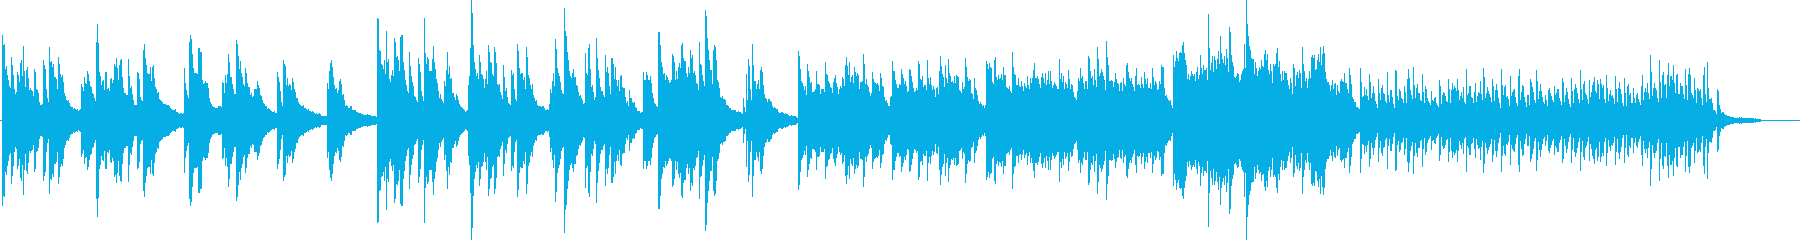 ピアノの優しい曲05の再生済みの波形